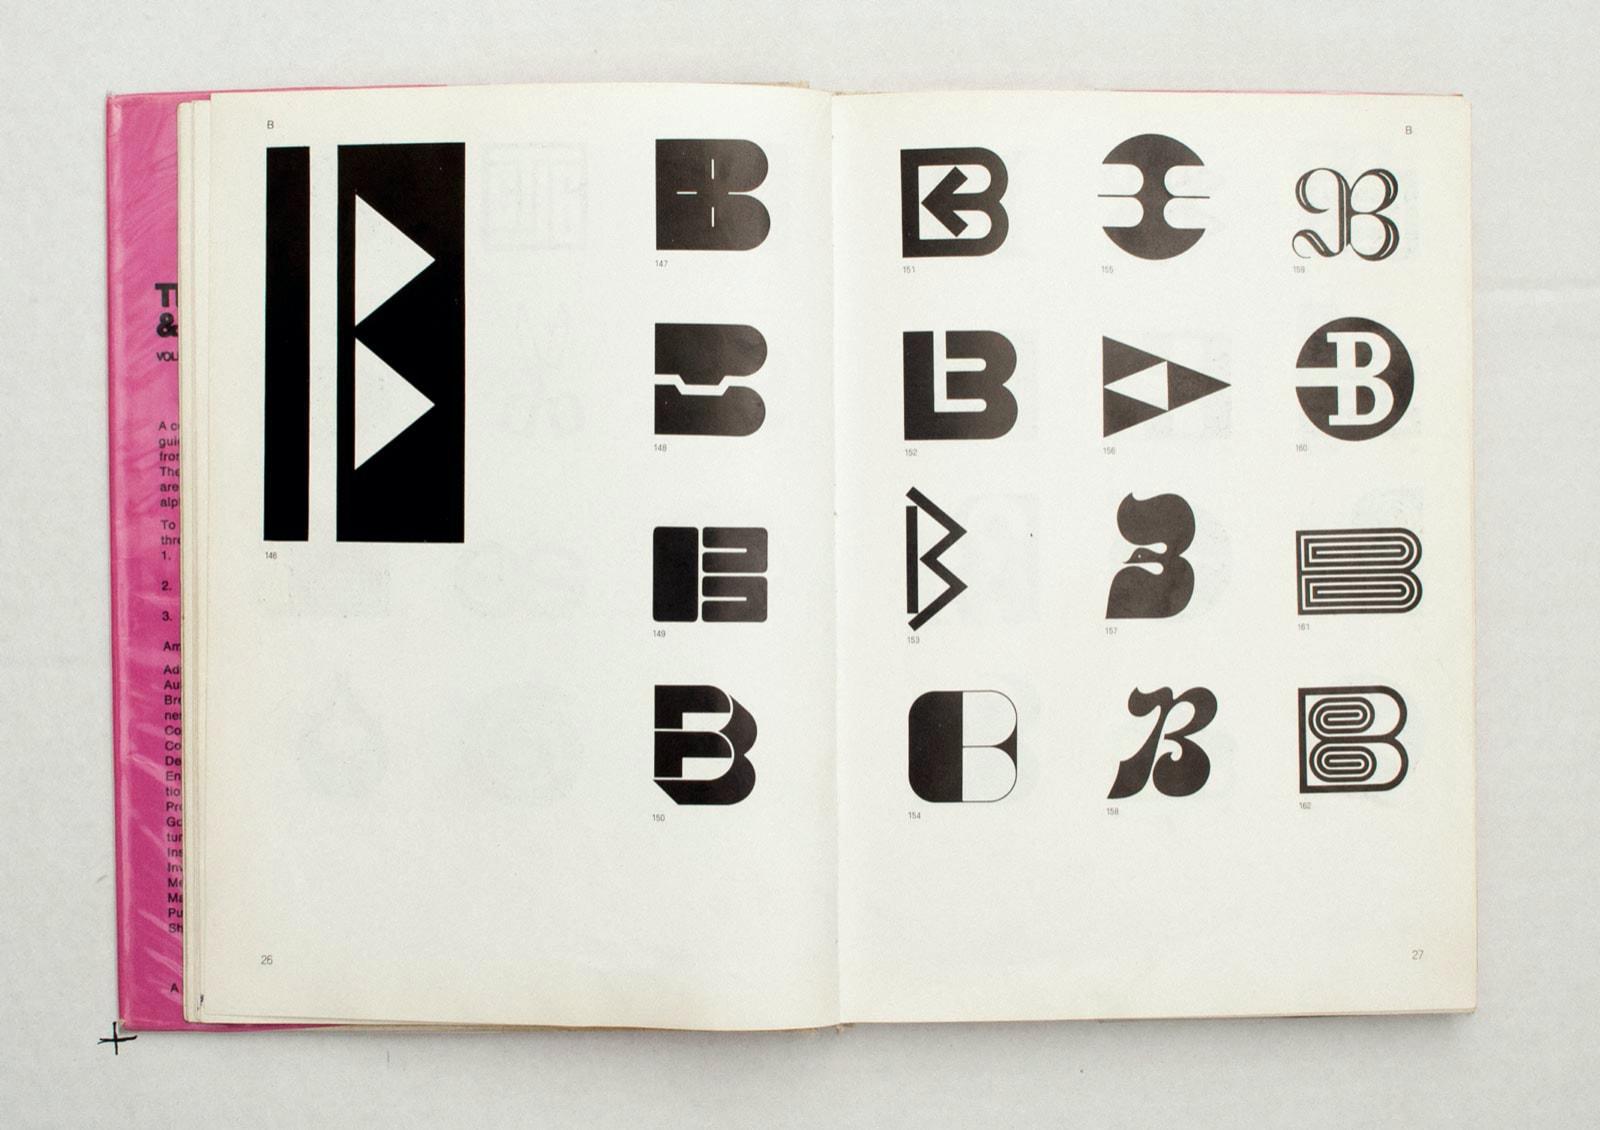 trademarks symbols vol1 3